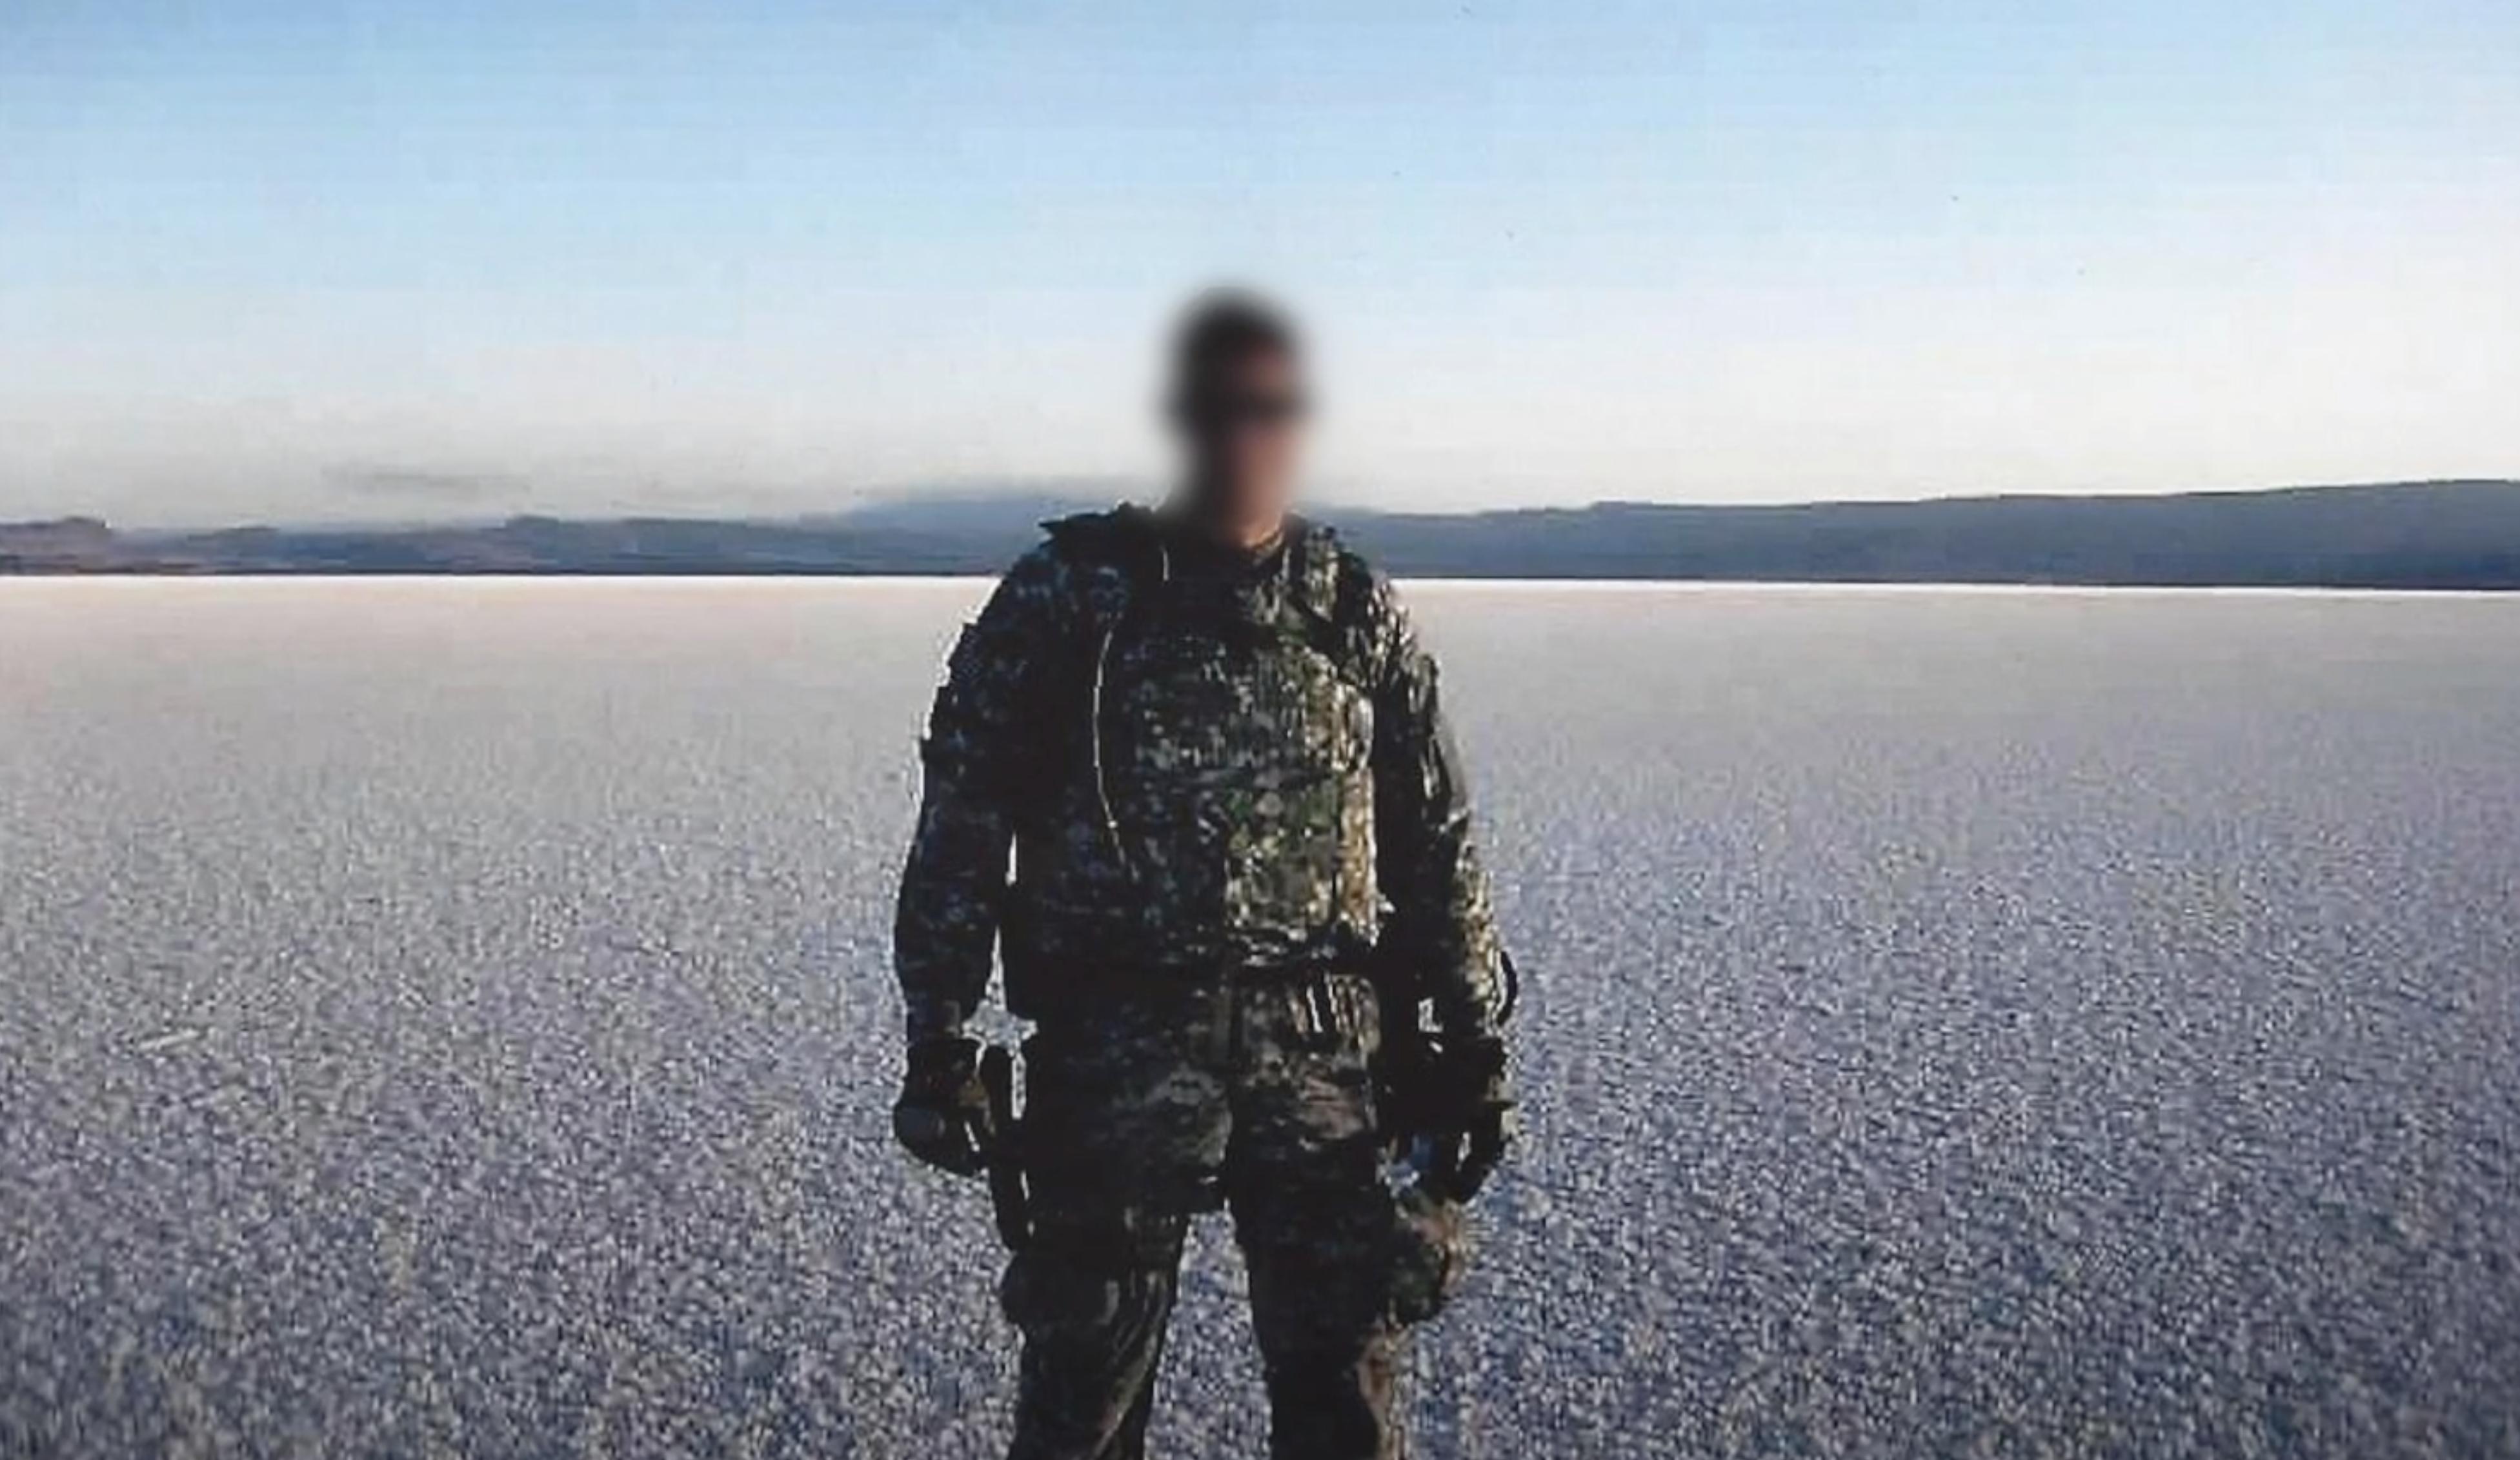 A man stands in U.S. military uniform in a desert scene.